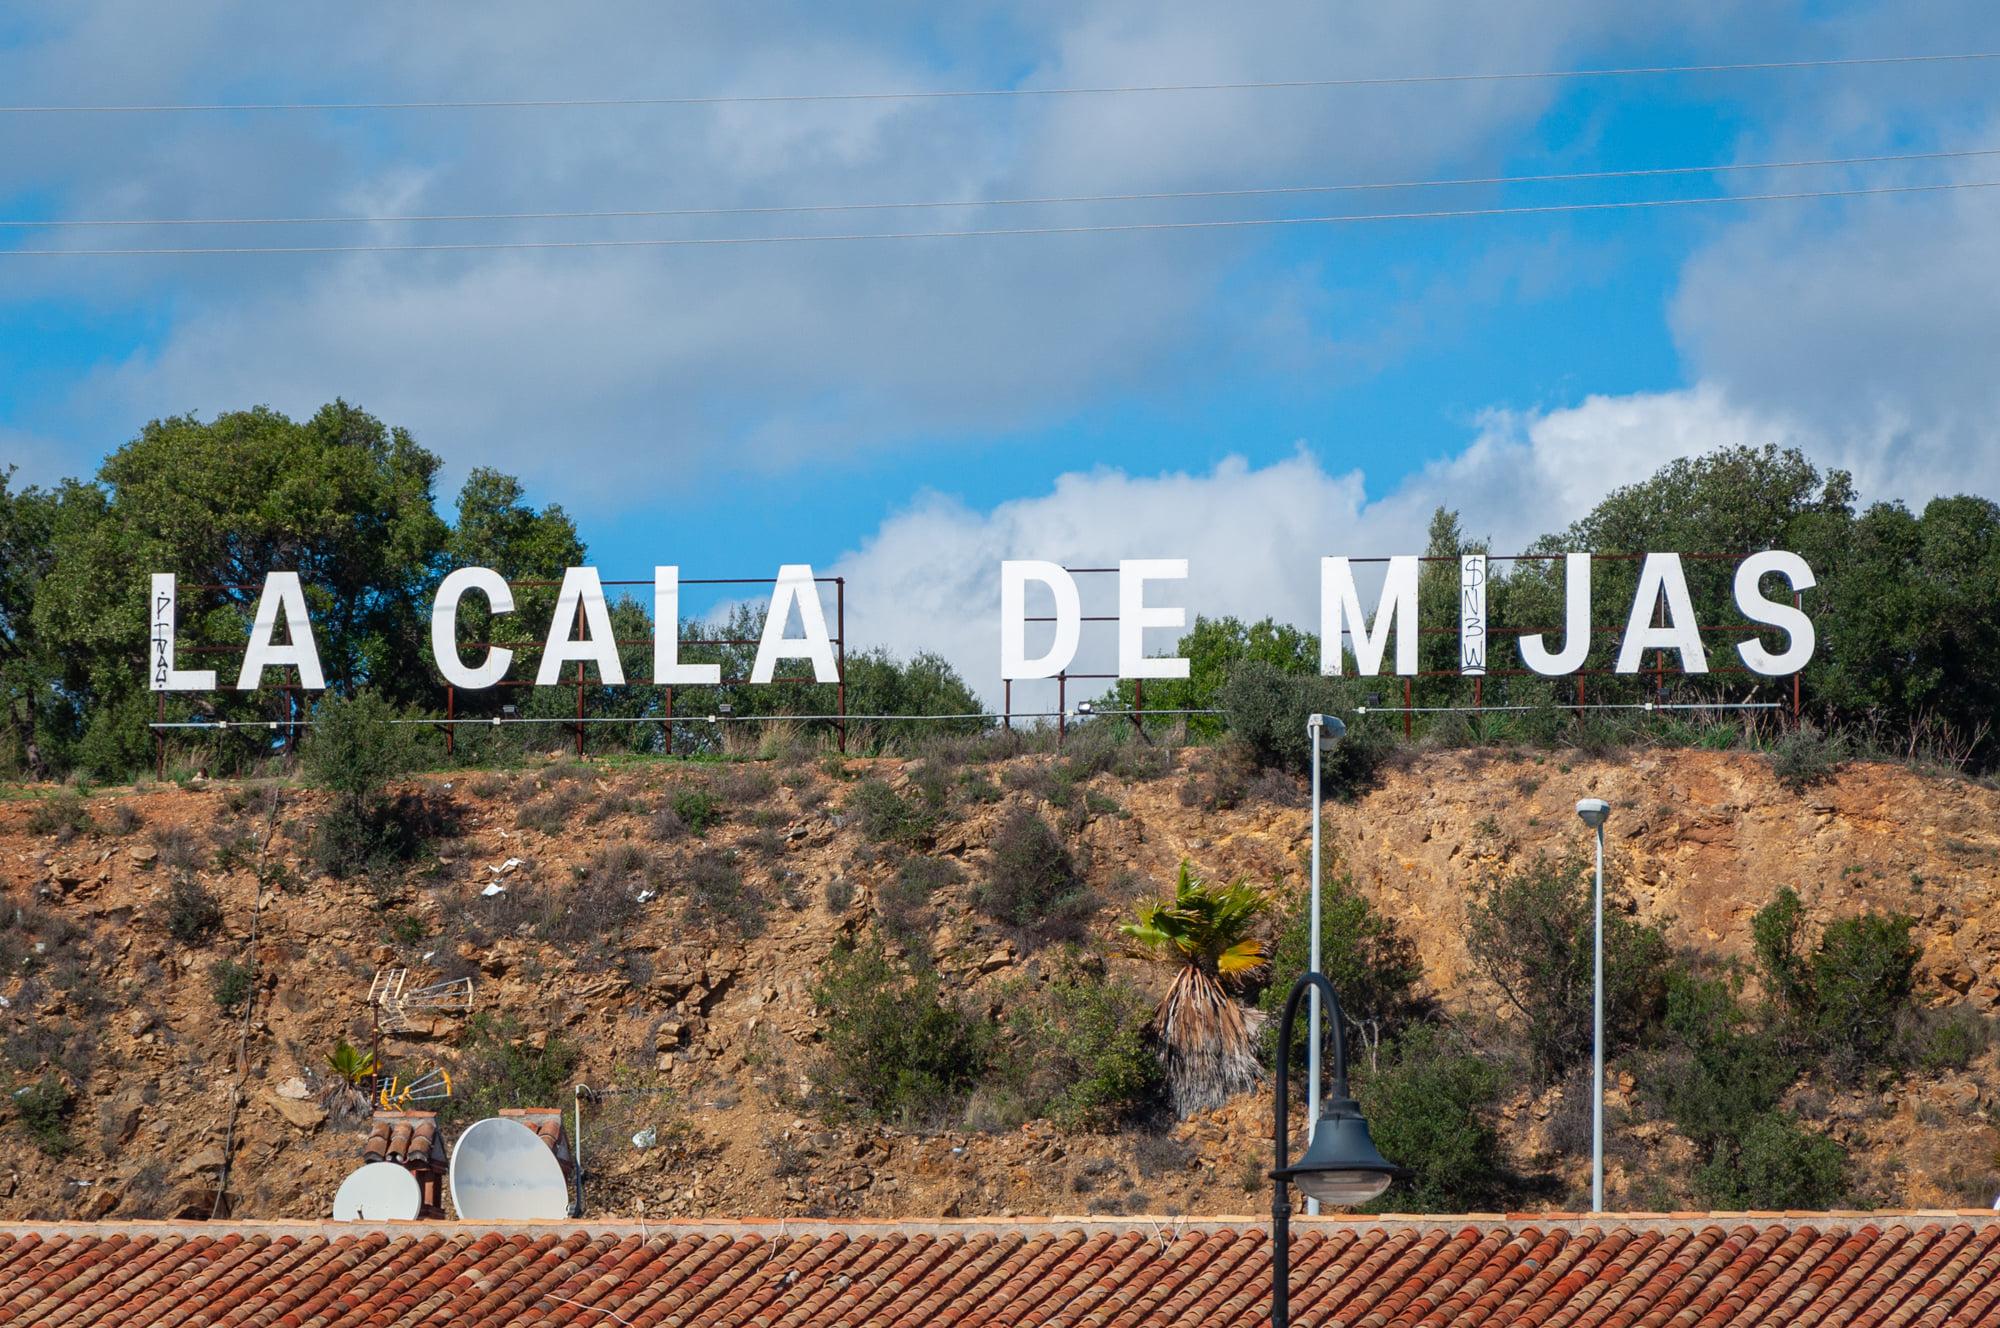 One Of The Top Restaurants in La Cala de Mijas